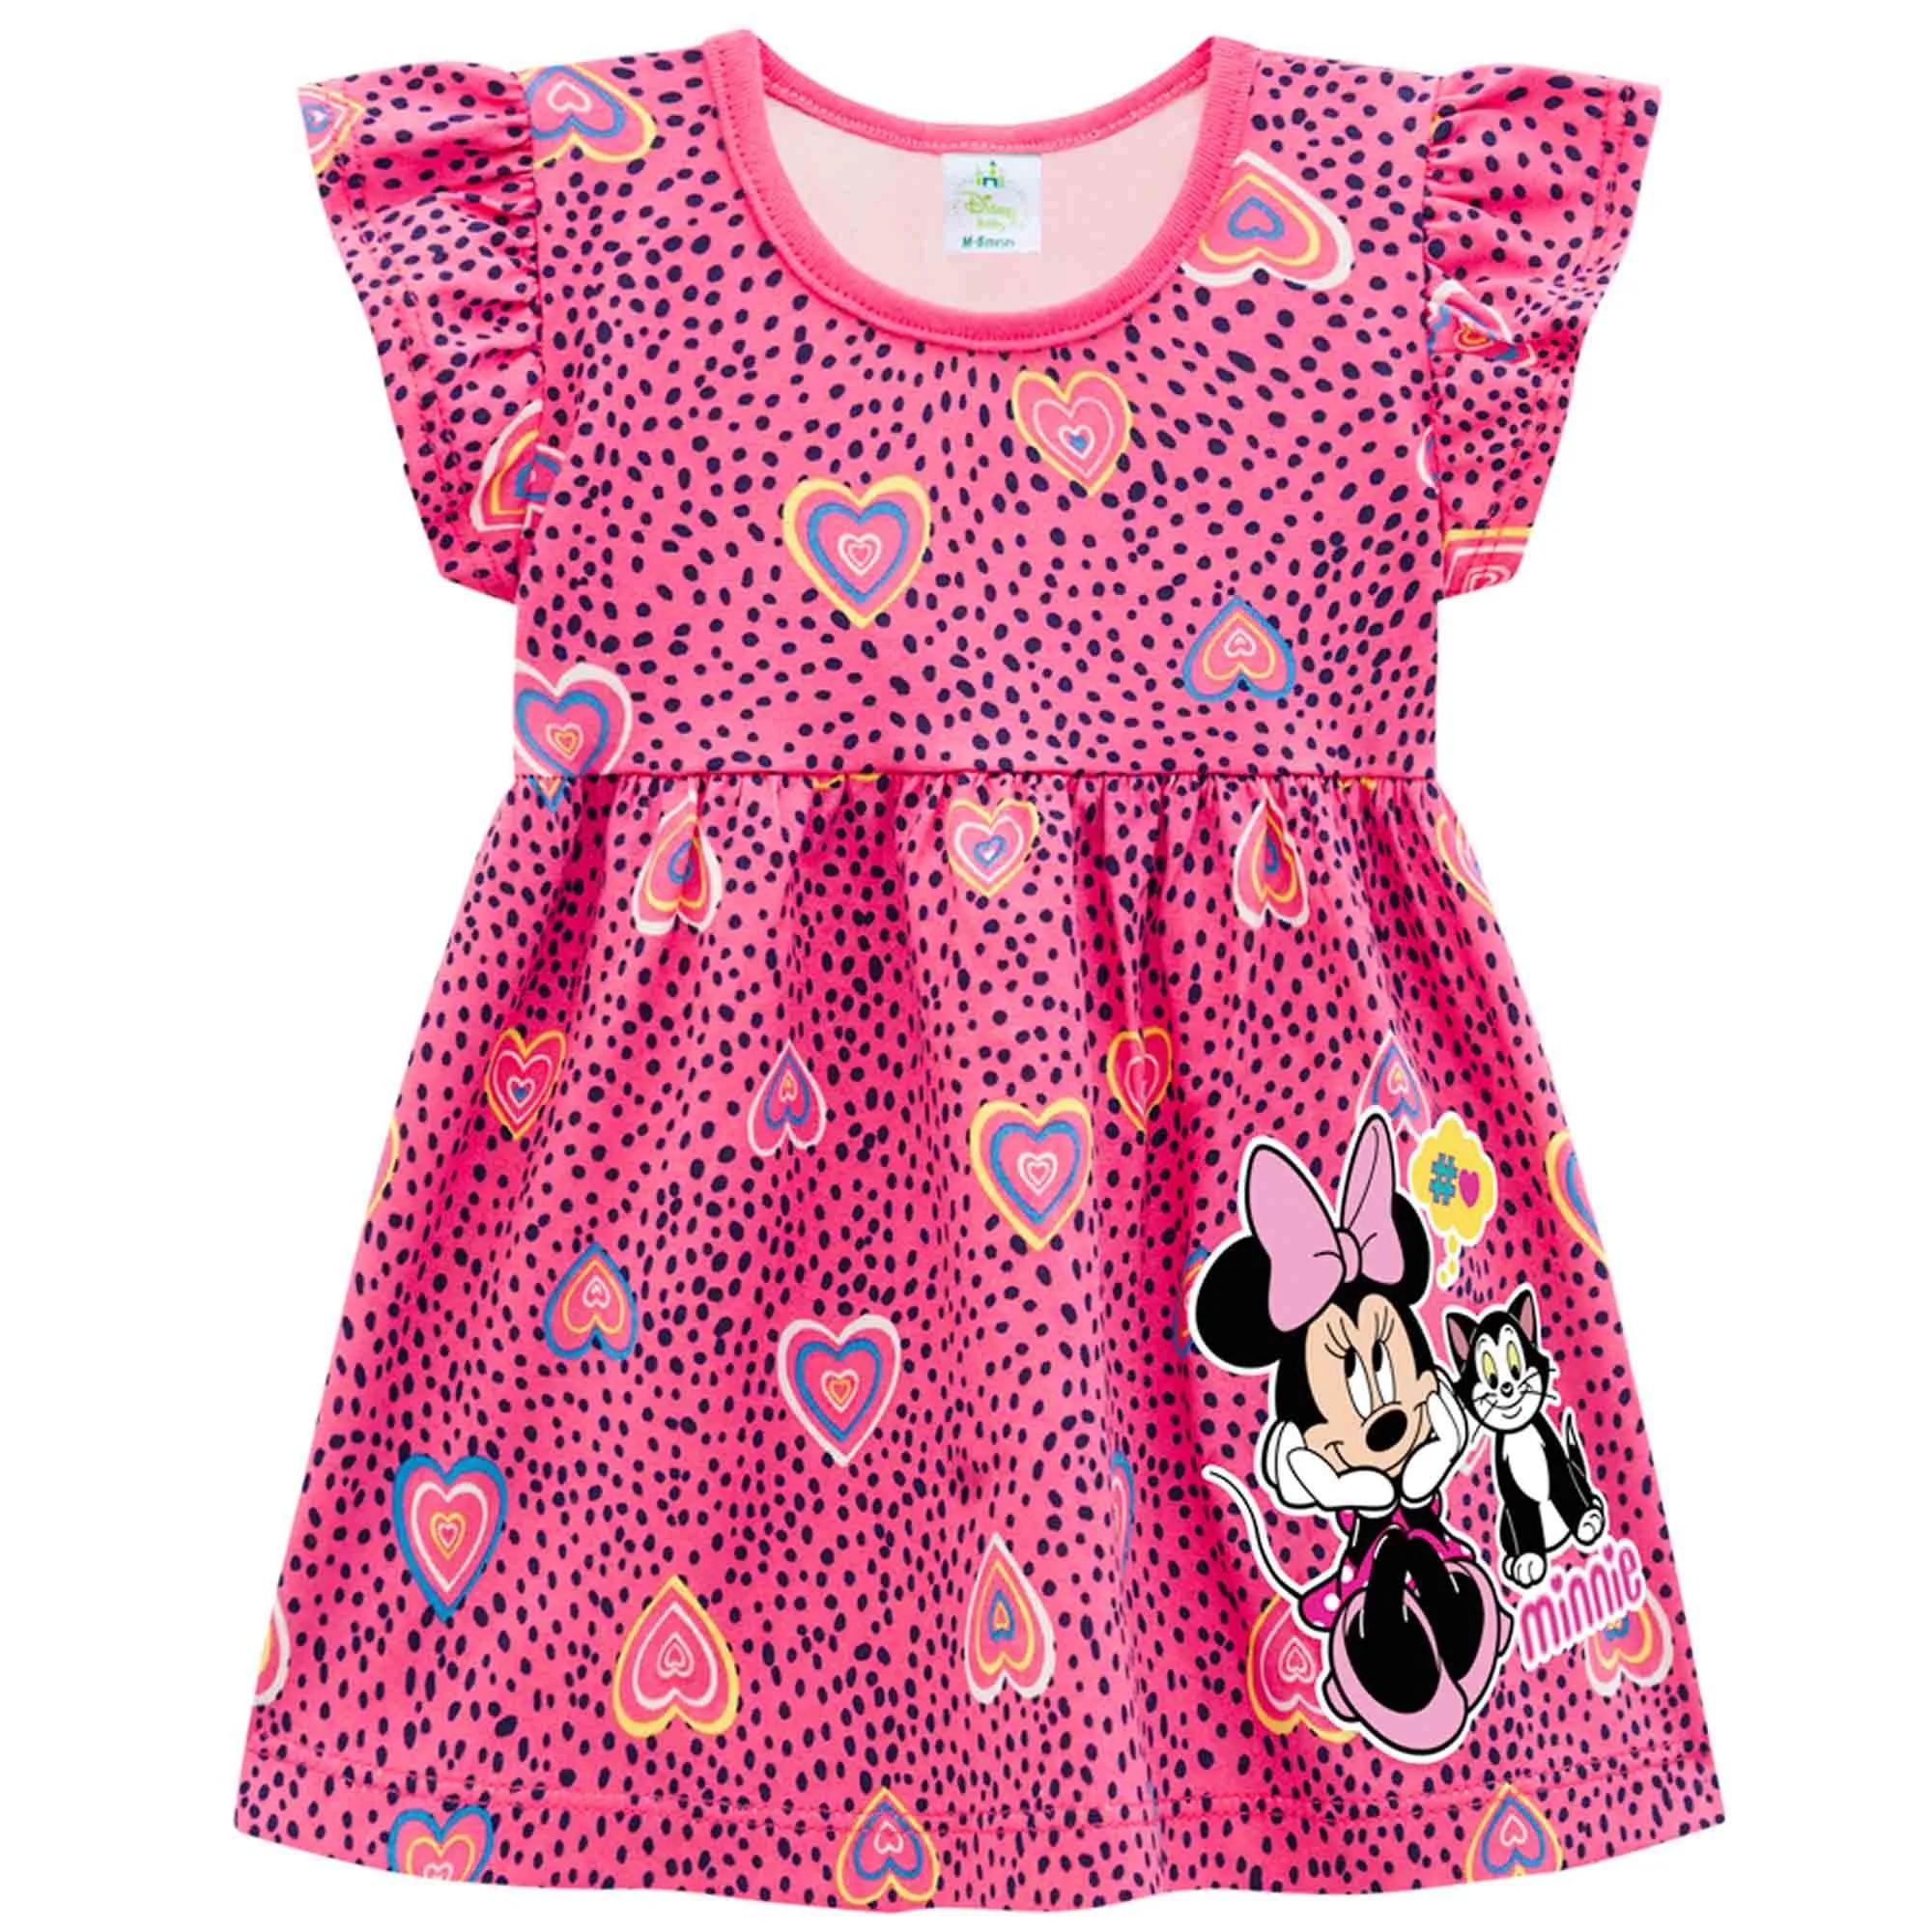 Vestido Verão Brandili Baby Minnie - P ao G